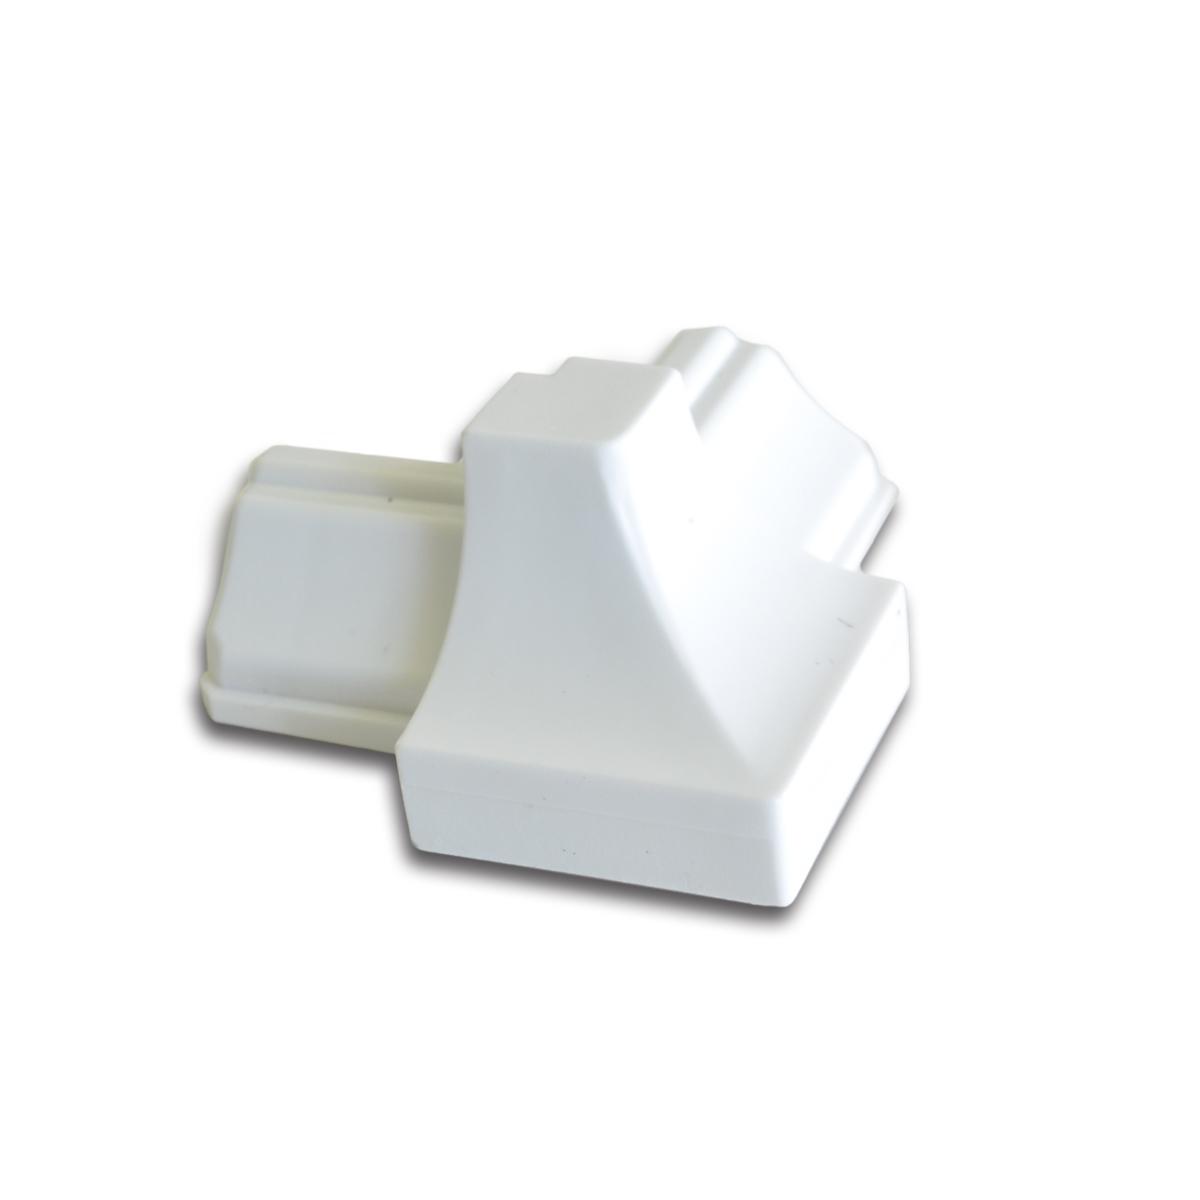 Profili per rivestimenti Accessori Coflex CRE Profilitec